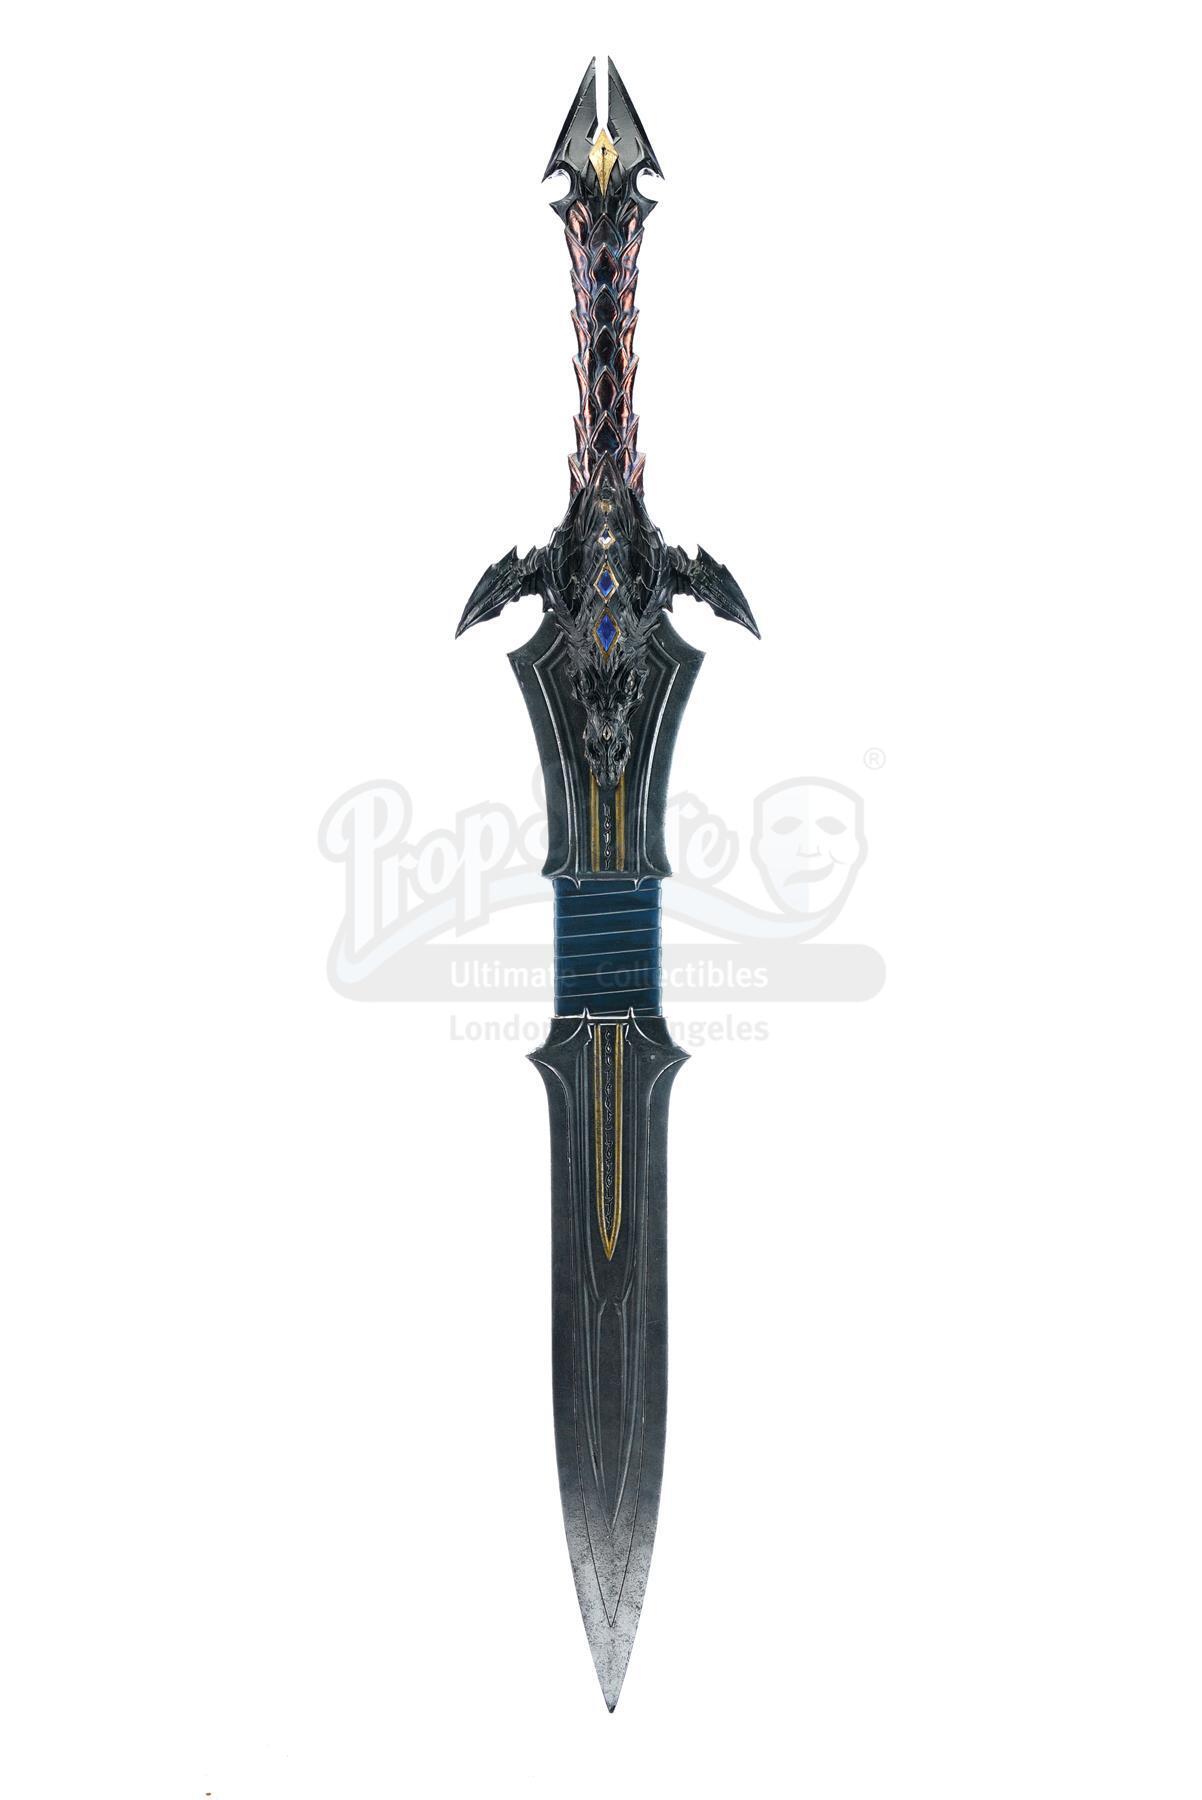 Lot # 414: WARCRAFT - Lothar's (Travis Fimmel) Sword